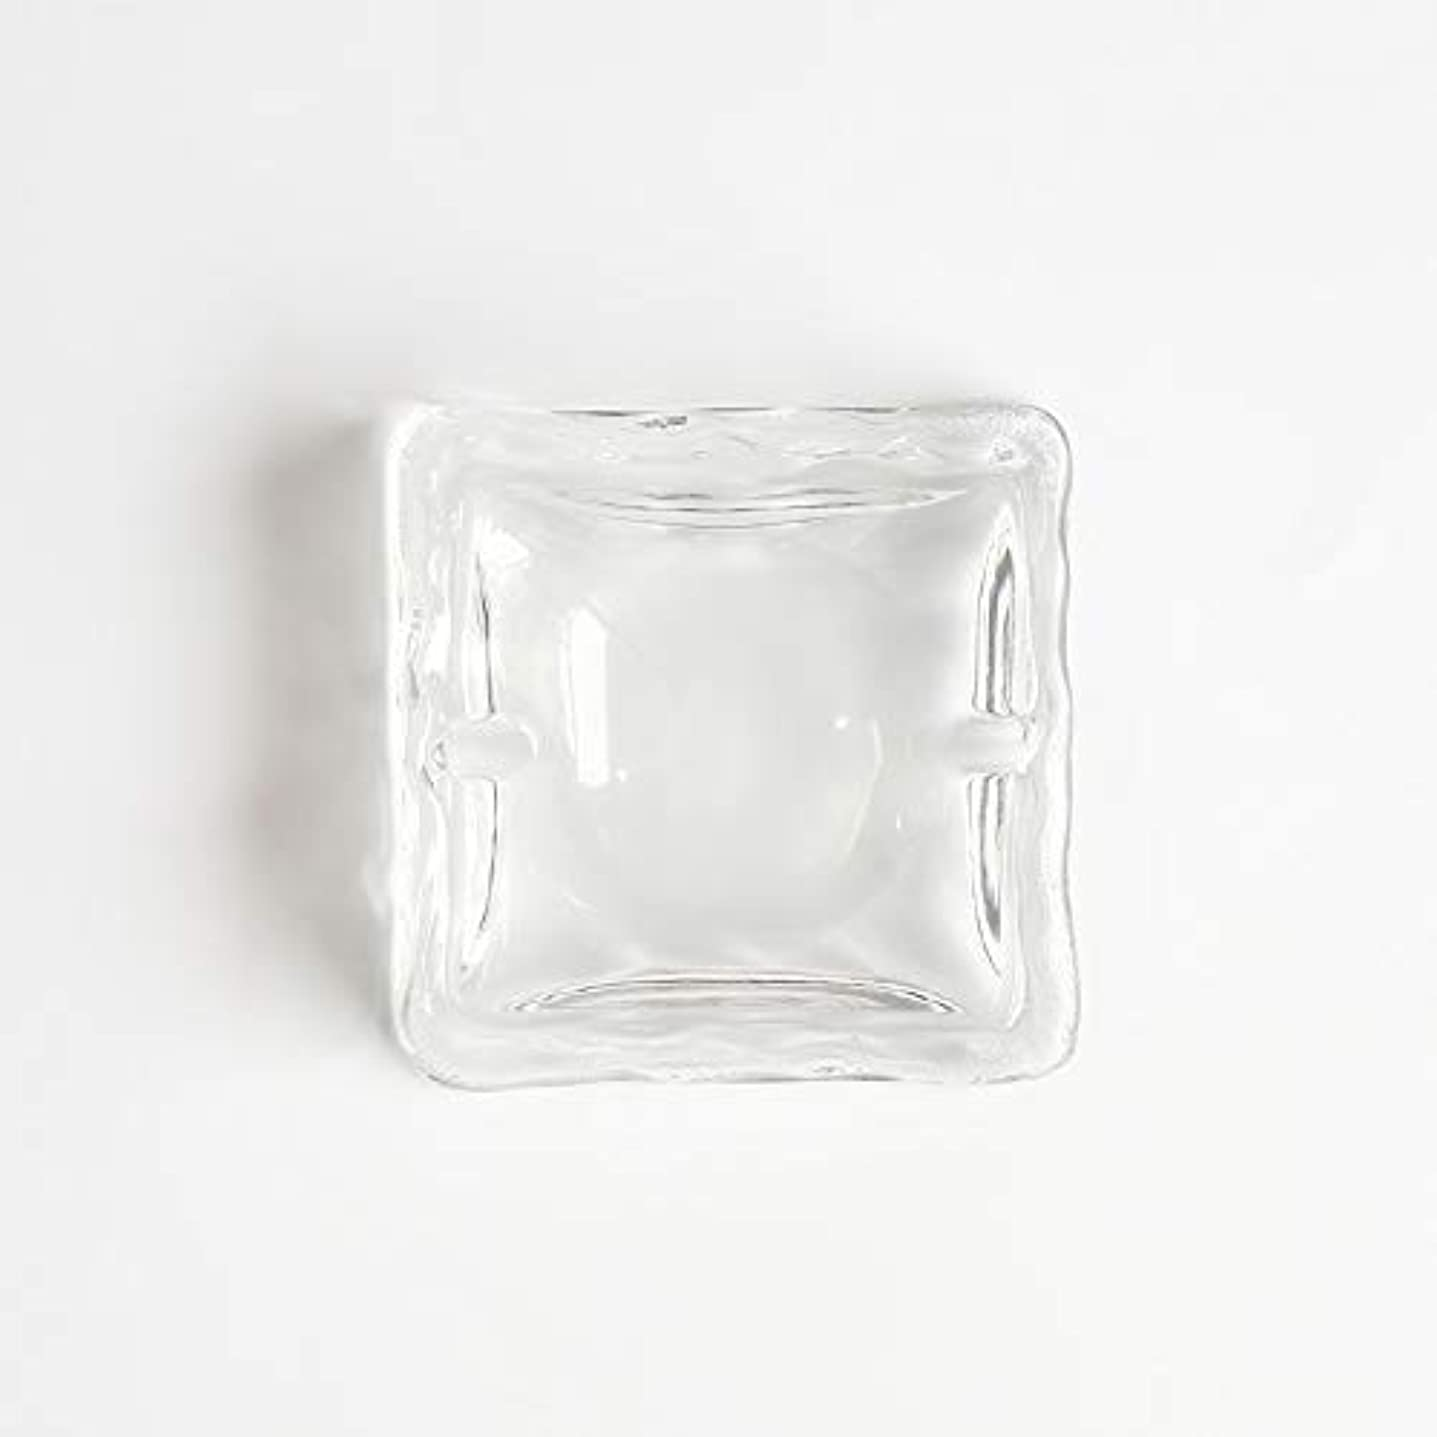 溝配る白鳥クリエイティブ屋外セラミックス灰皿ホームオフィスの卓上美しい装飾工芸品 (色 : クリア)